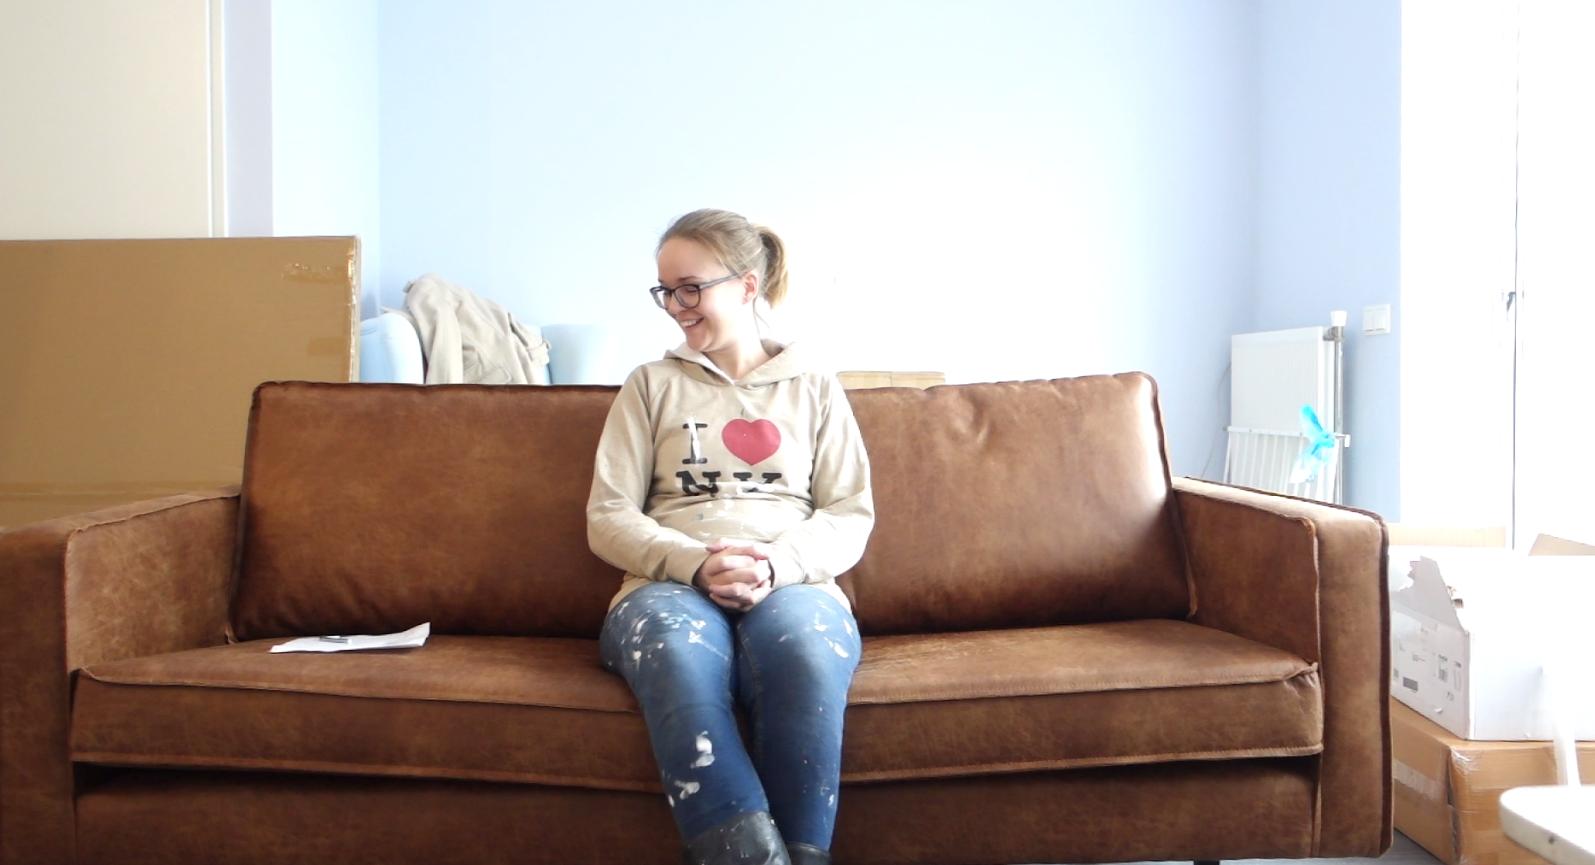 Verhuisvlog #2 - Verven & De nieuwe meubelen!